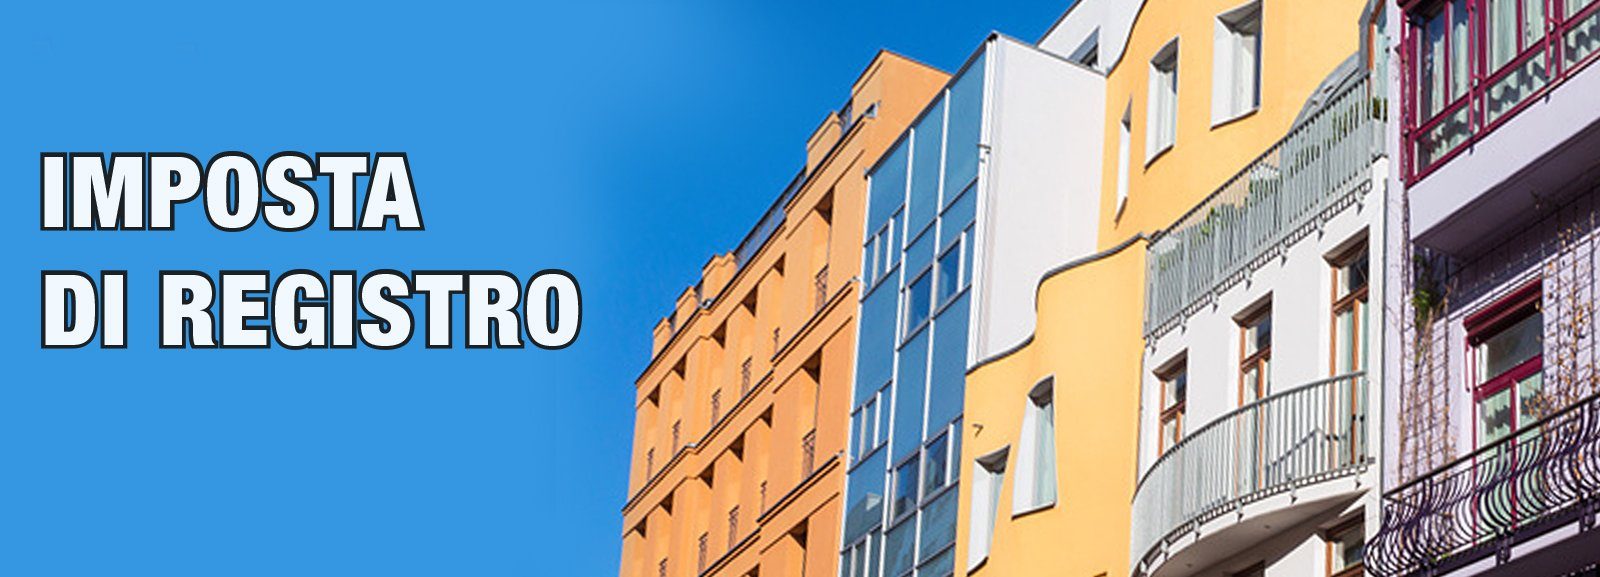 Imposta di registro cos e tutto su ispirazione design casa - Calcola imposta di registro ...